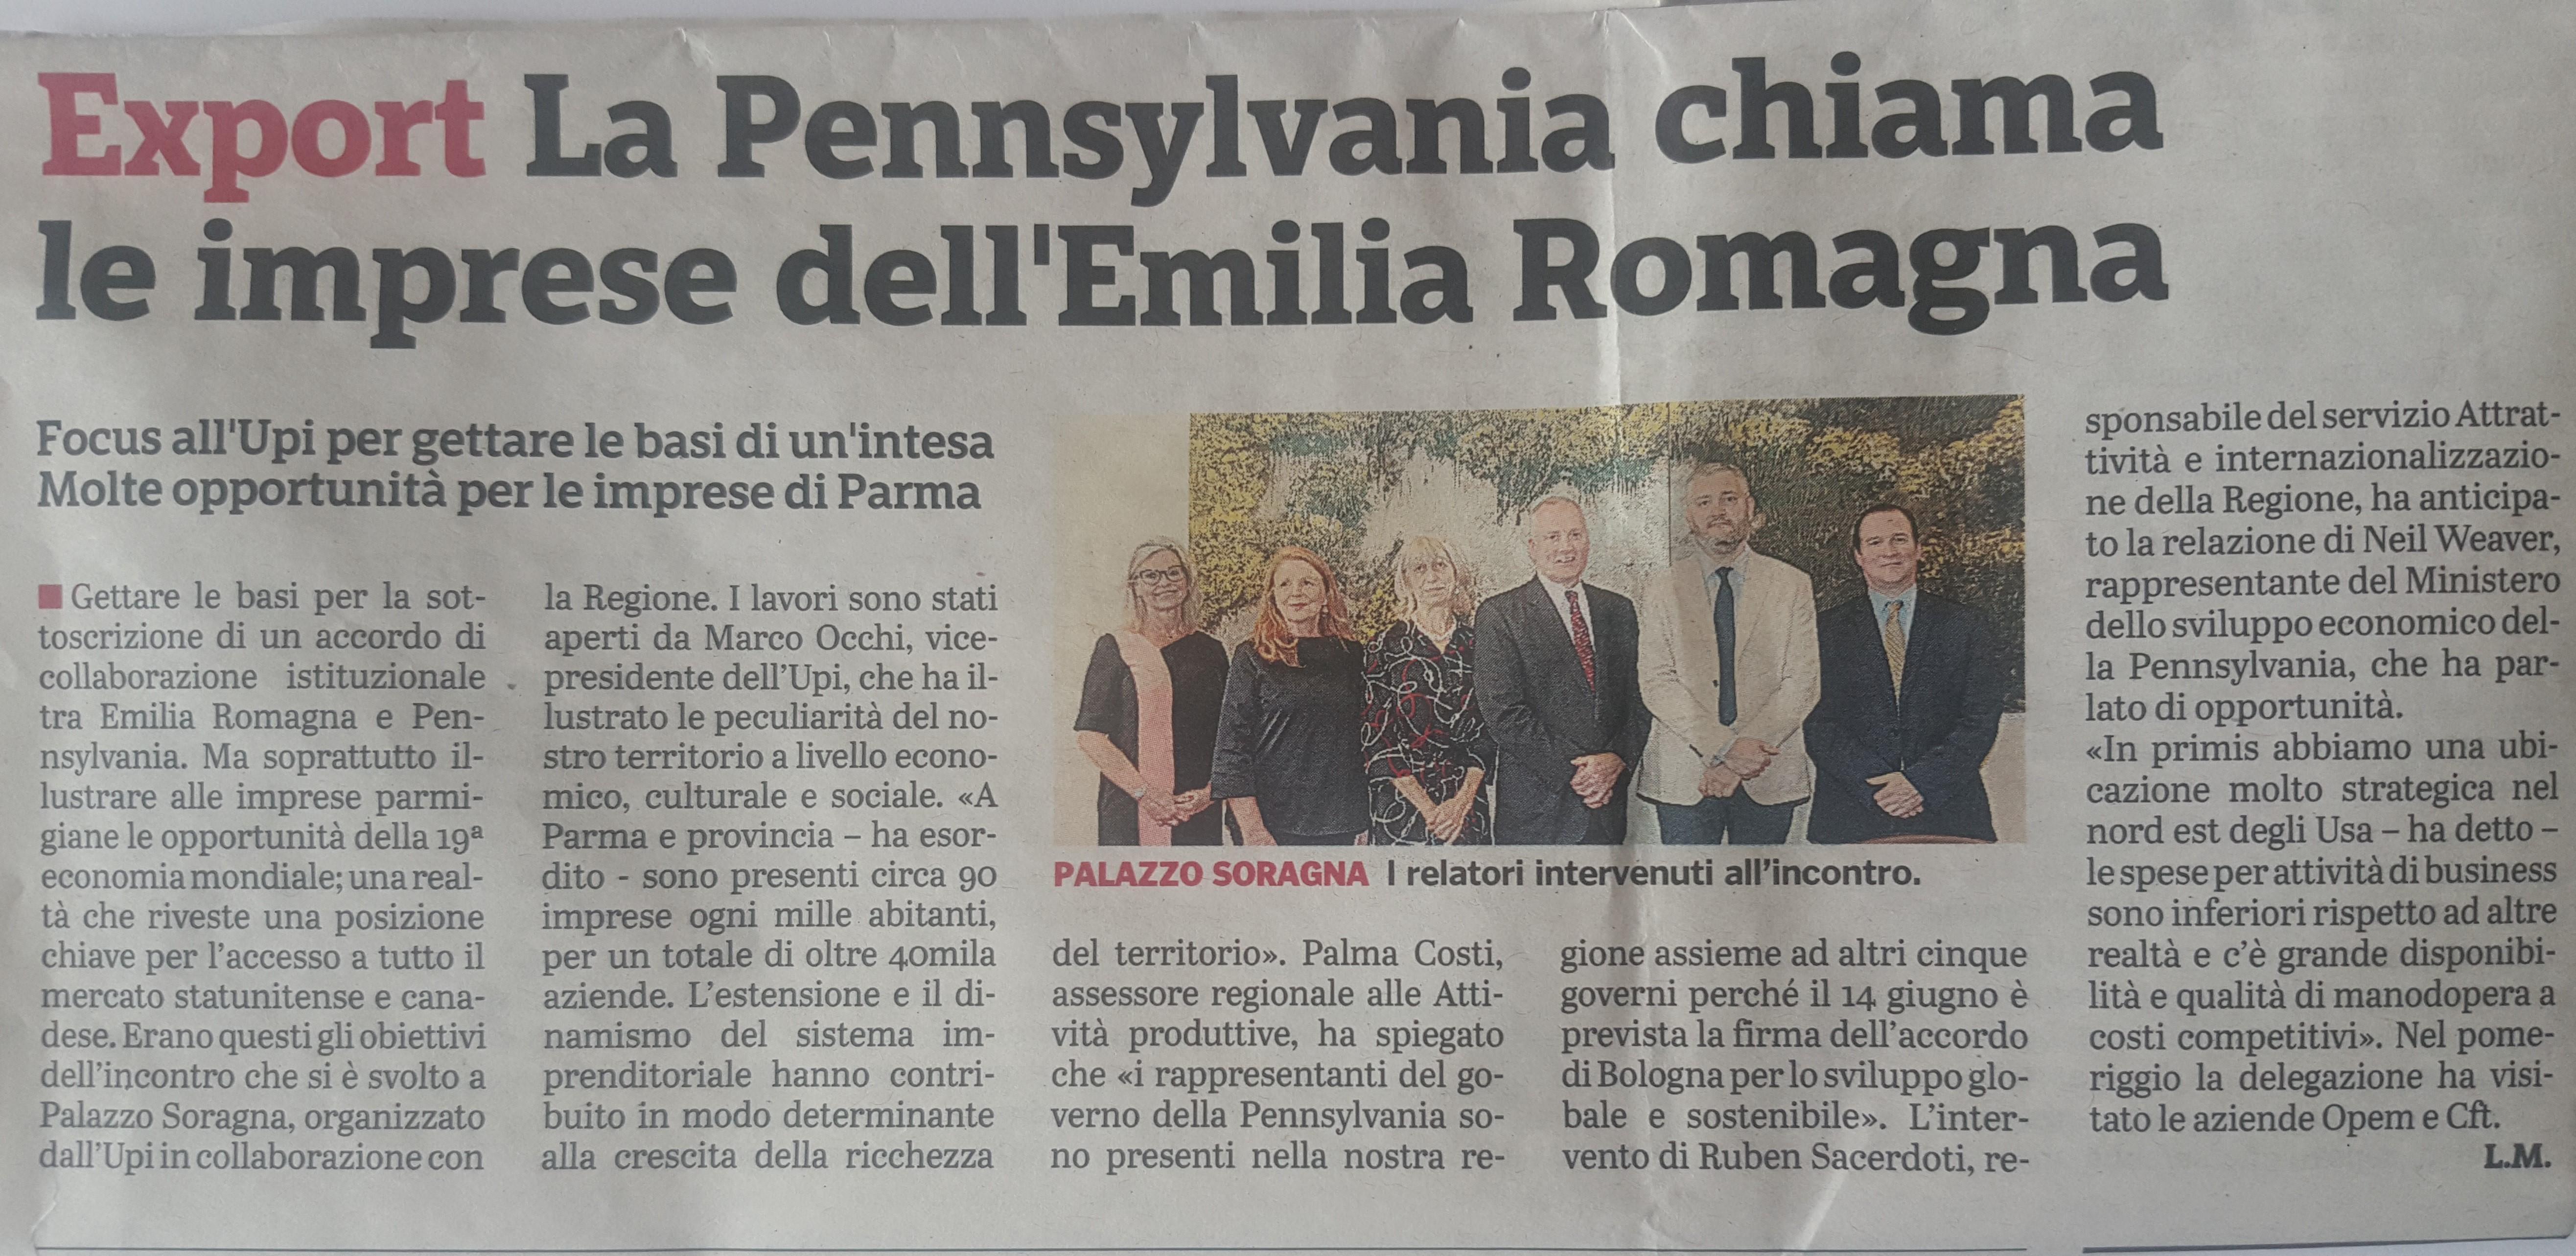 prodotto sfizioSalentino: La Pennsylvania chiama le imprese dell'Emilia Romagna